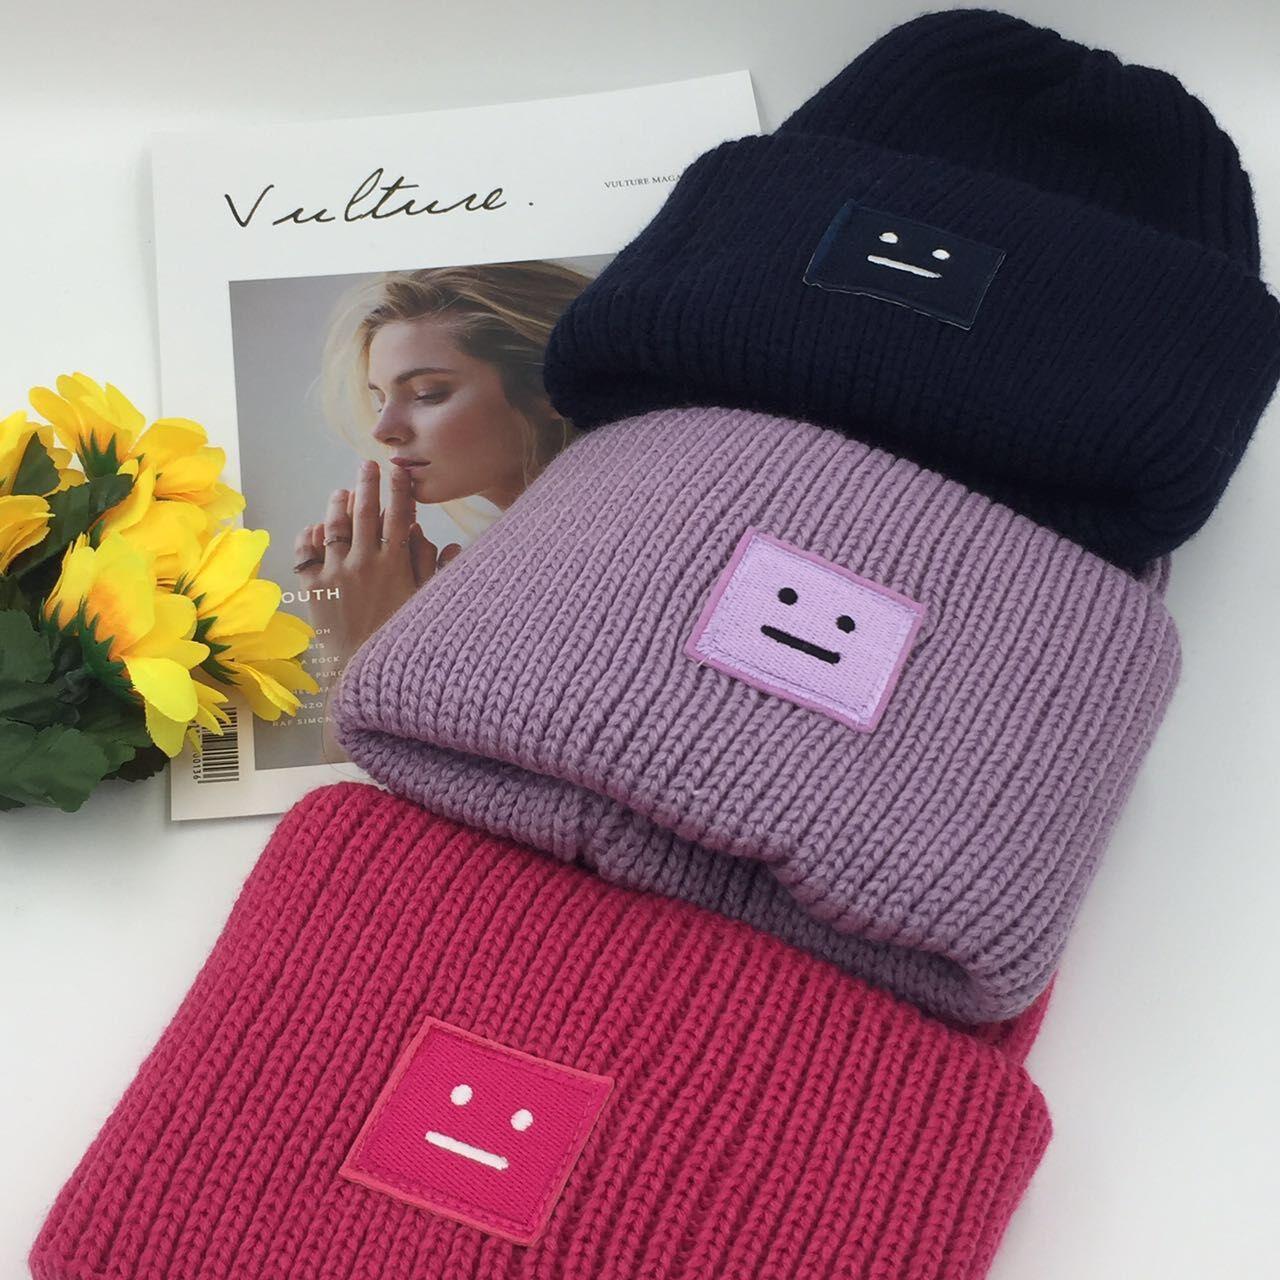 مربع وجه التعبير تسمية قبعة امرأة في الشتاء الدافئة حك الصوف كاب كلاسيكي تزلج قبعة كاب حزب قبعة TTA1708